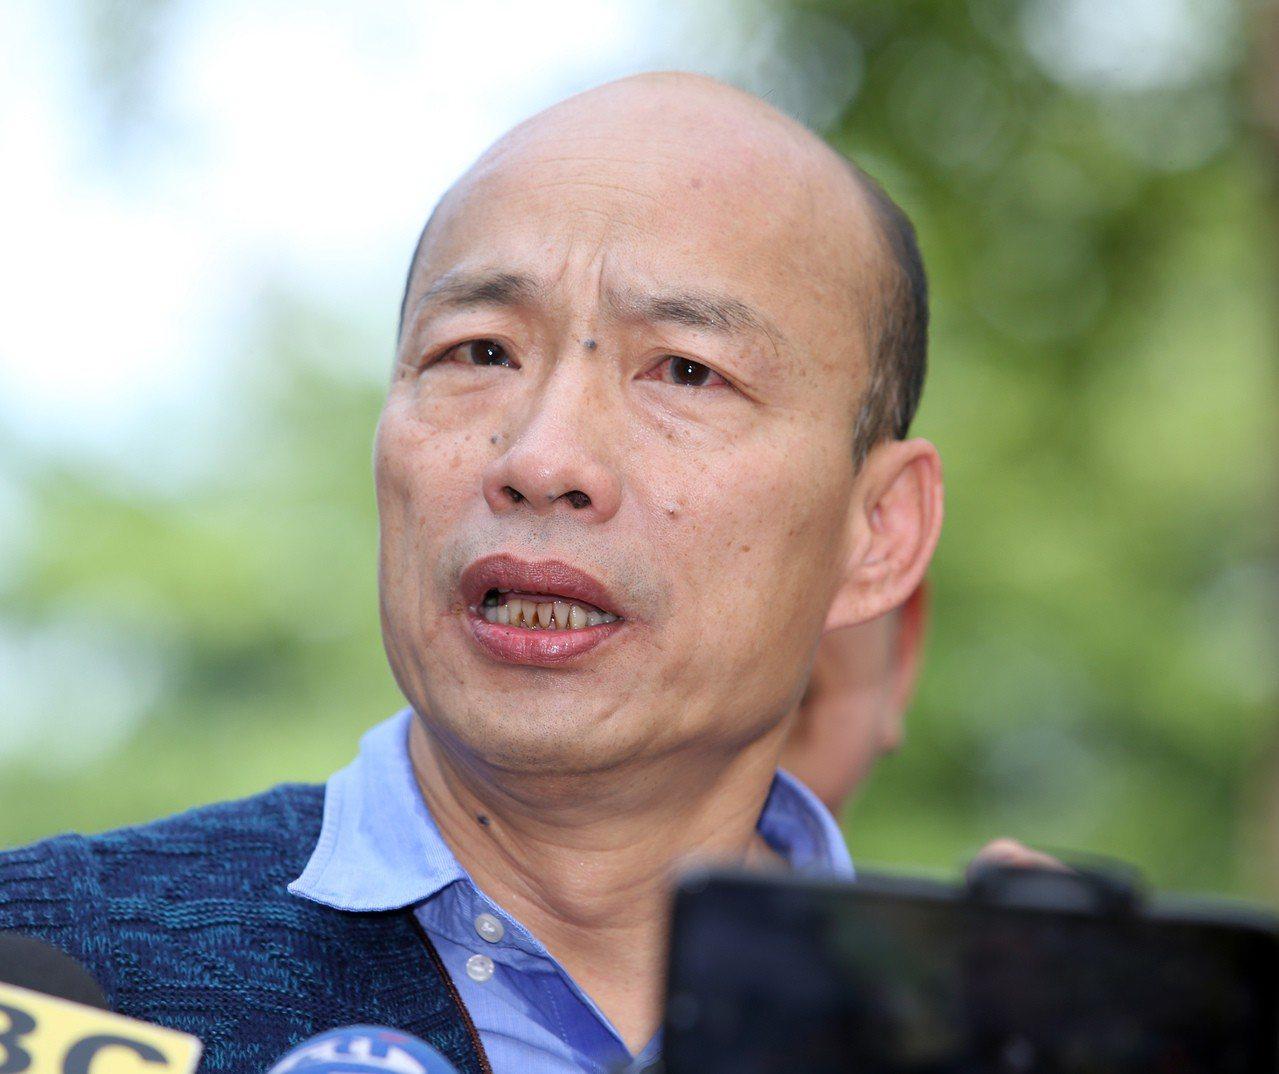 高雄市長韓國瑜遭到民進黨鋪天蓋地攻擊,議會綠營也招數不斷,韓國瑜說,他不在乎被抹...